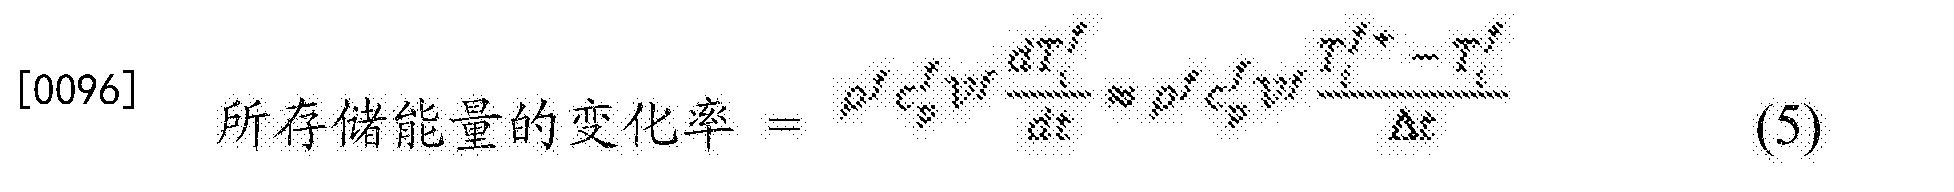 Figure CN104137660BD00153